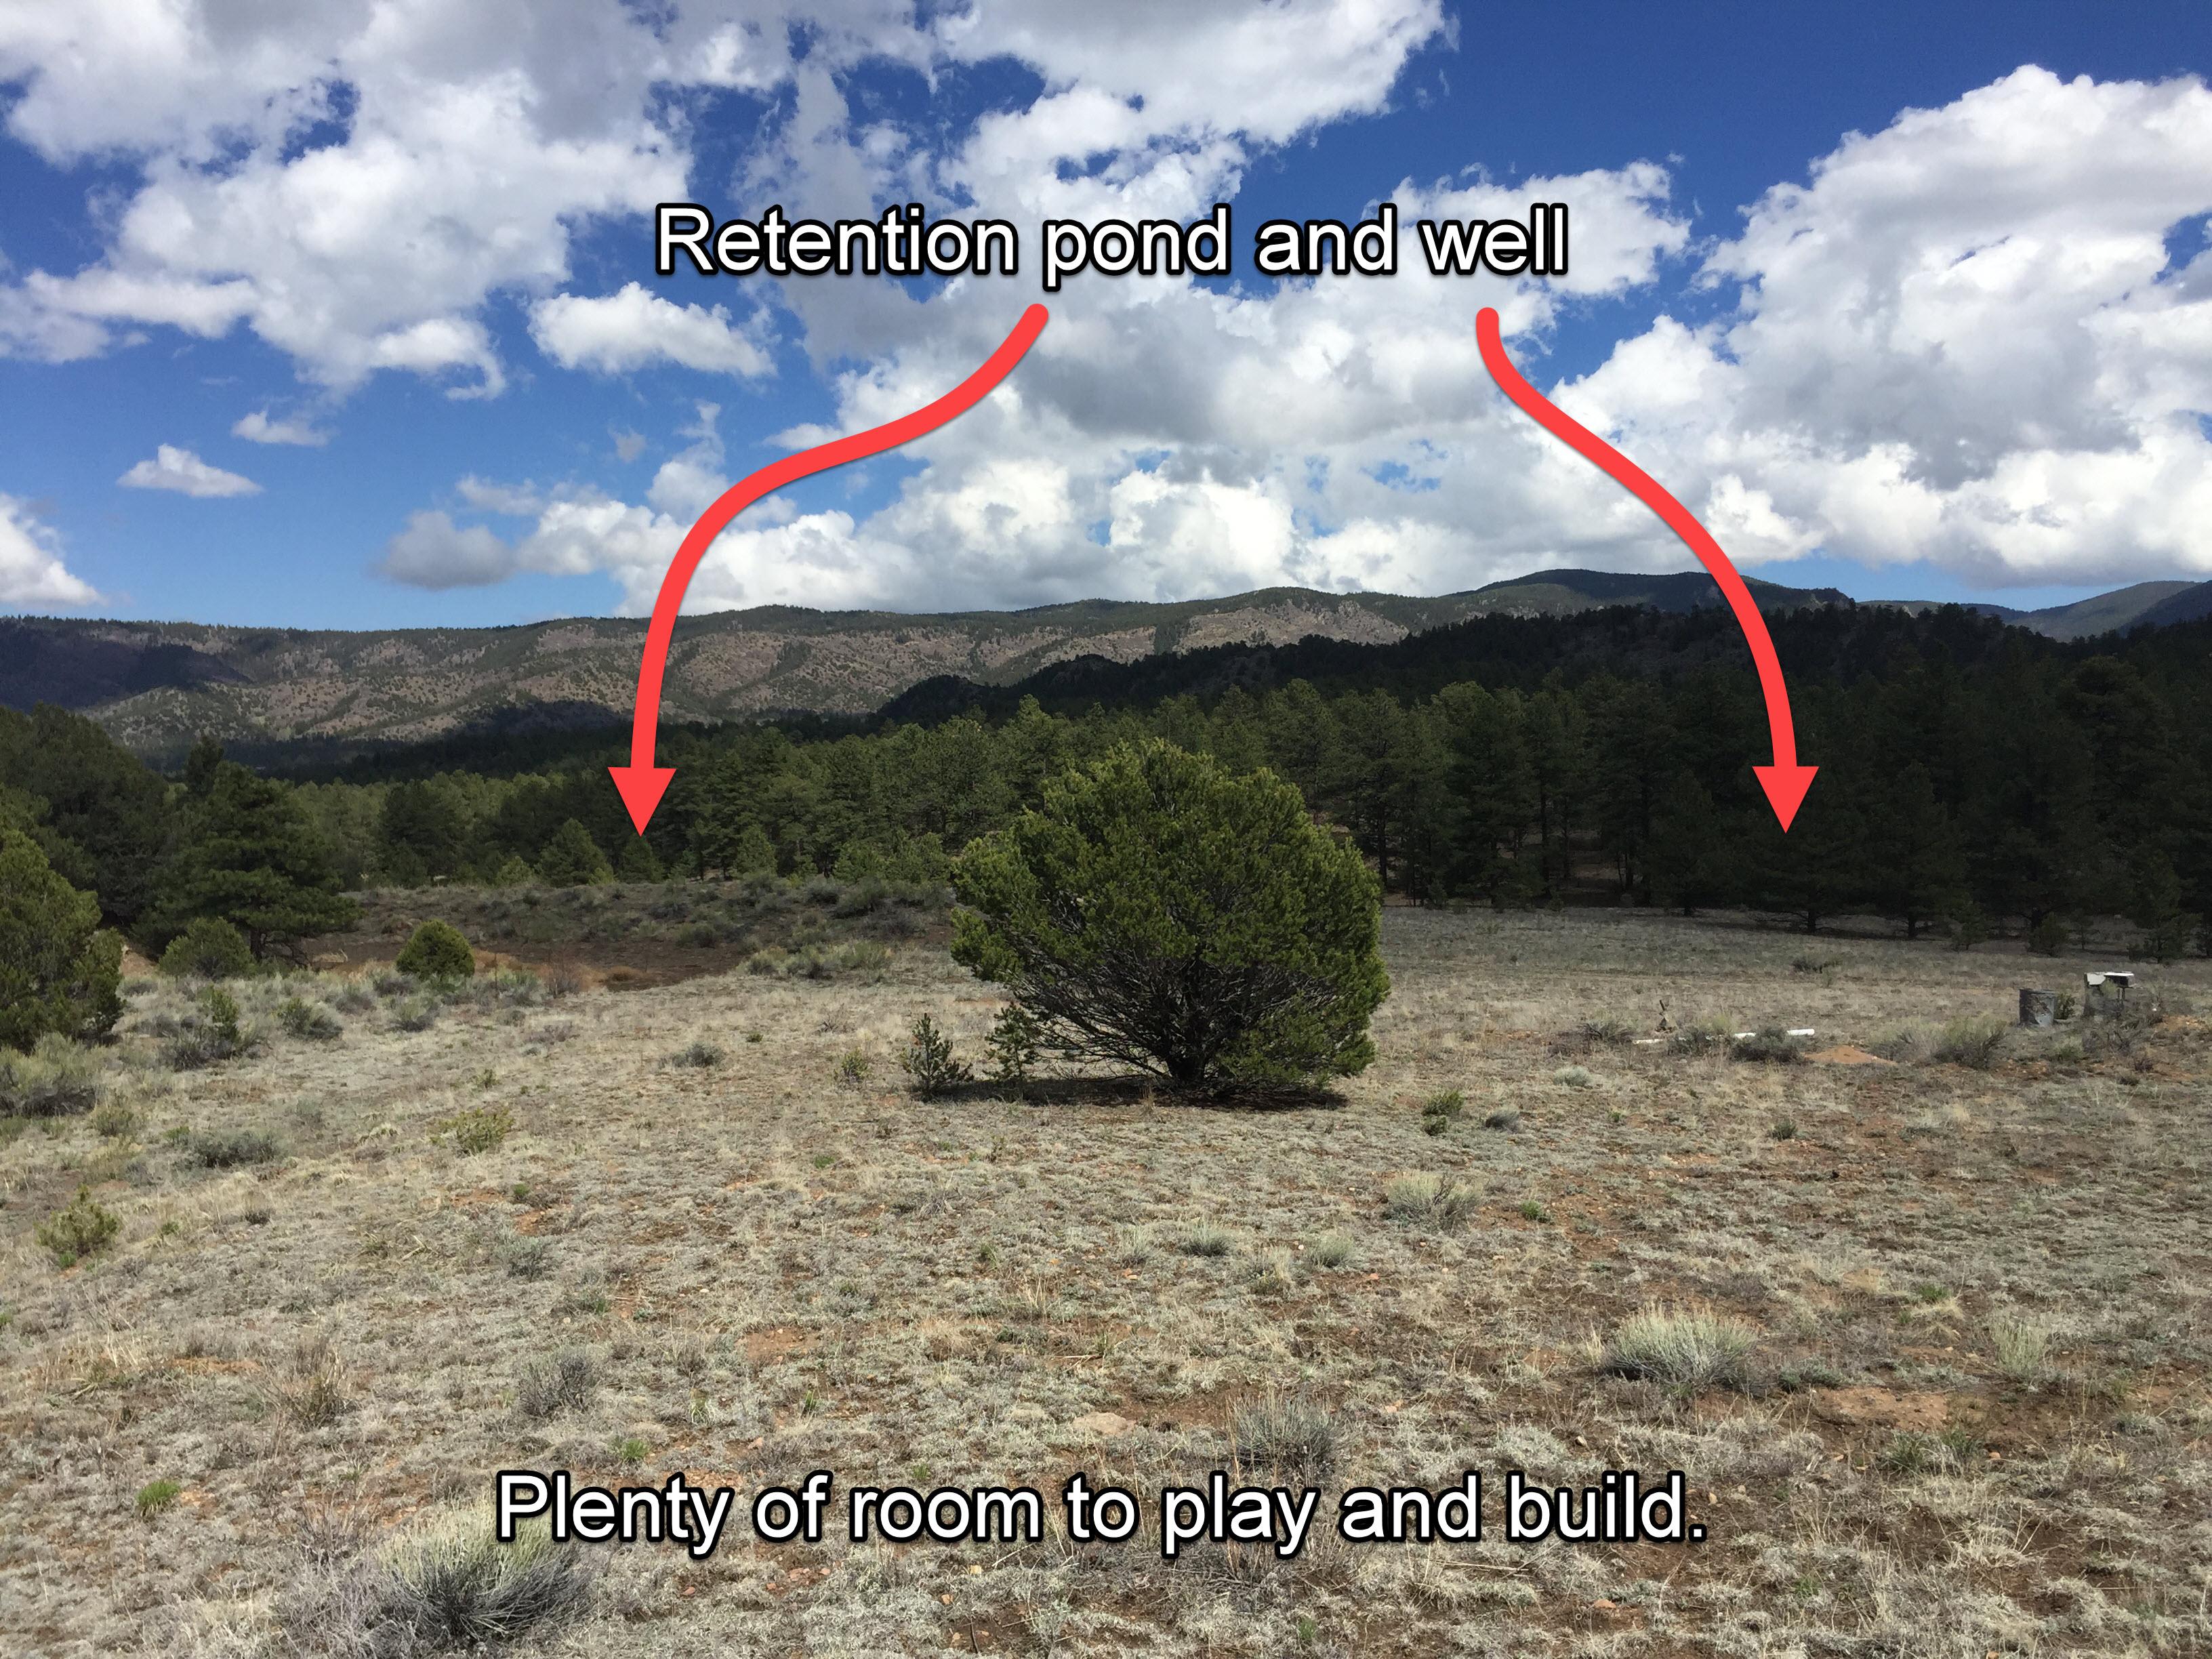 SOLD | Custer County, Colorado | $65,480 cash or $70,000